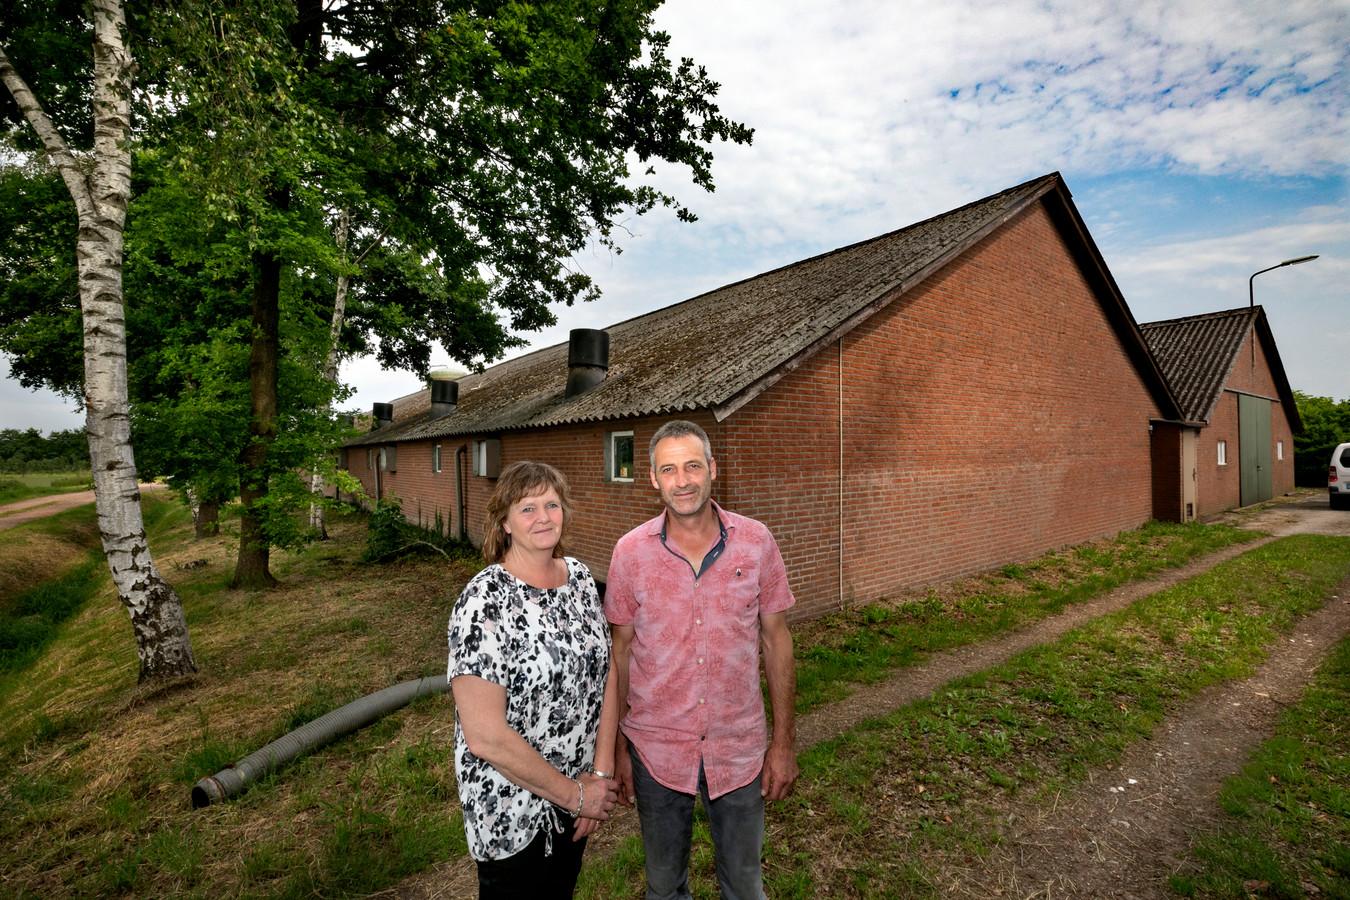 Miriam en Johnny Geraets bij hun varkensbedrijf in Heeze (archieffoto).